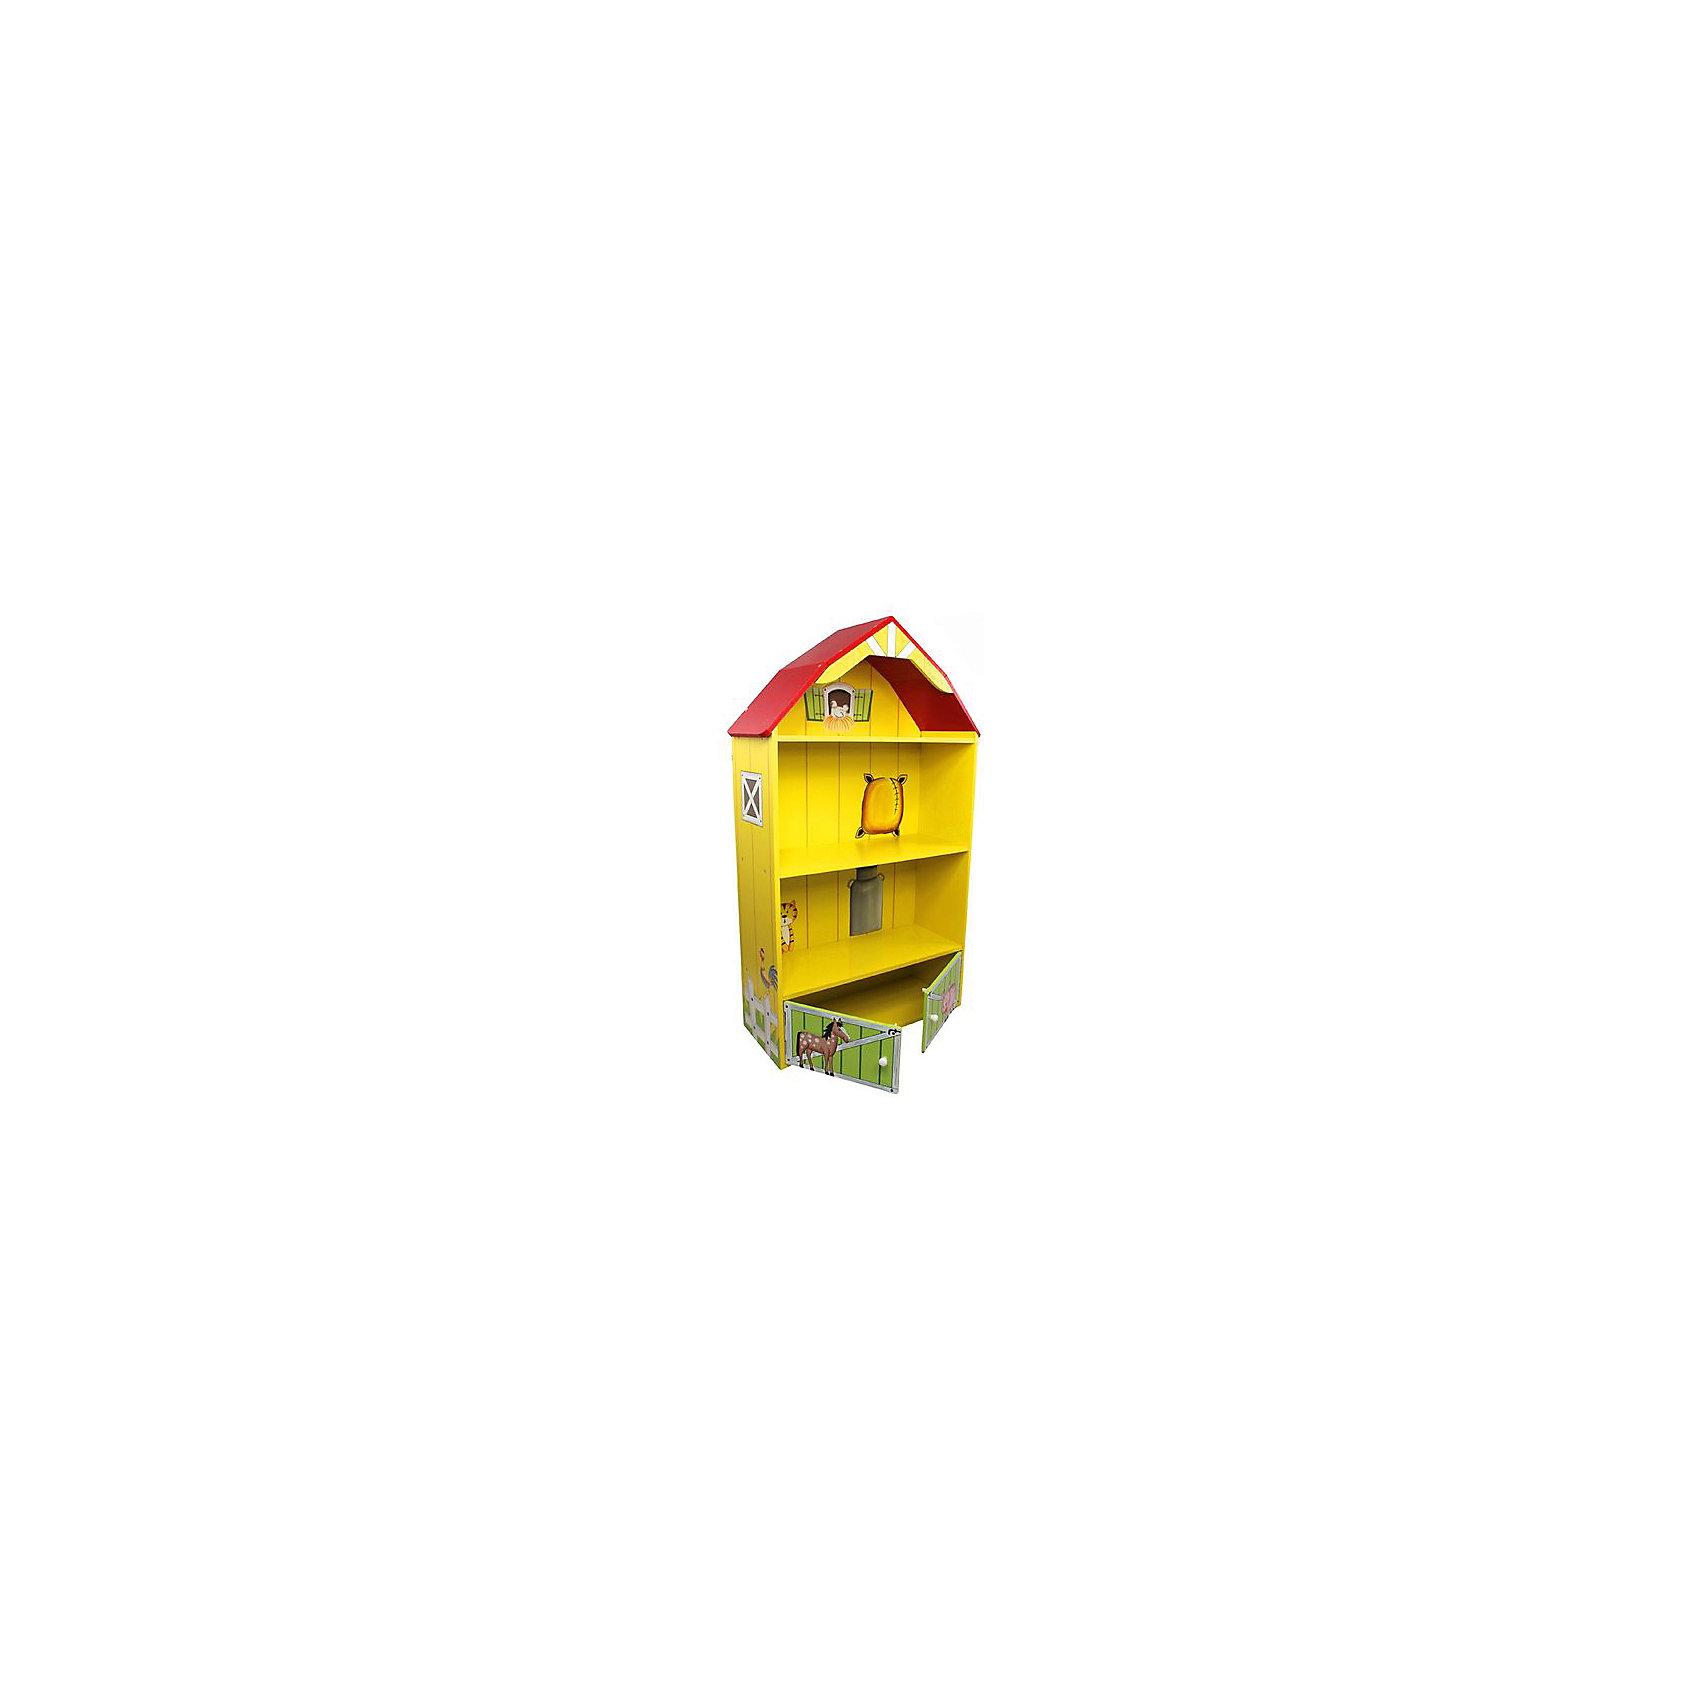 Кукольный домик из дерева Моя большая ферма с загоном для лошадей, Kids4kidsИгрушечные домики и замки<br>Характеристики товара:<br><br>• возраст: от 2 лет;<br>• материал: дерево;<br>• размер домика: 106х64х24 см;<br>• размер упаковки: 92х36х14,5 см;<br>• вес упаковки: 15 кг;<br>• страна производитель: Китай.<br><br>Кукольный домик «Моя большая ферма» Kids4Kids выполнен в стиле фермы. Домик разделен на 4 уровня. На самом нижнем расположен загон для лошадей с открывающимися створками. Каждый уровень украшен яркими наклейками с изображениями животных.<br><br>Домик может служить не только для игр с куклами, но и использоваться для хранения детских тетрадей, книжек и игрушек. Дом изготовлен из качественного натурального дерева.<br><br>Кукольный домик «Моя большая ферма» Kids4Kids можно приобрести в нашем интернет-магазине.<br><br>Ширина мм: 360<br>Глубина мм: 145<br>Высота мм: 920<br>Вес г: 13500<br>Возраст от месяцев: 36<br>Возраст до месяцев: 2147483647<br>Пол: Женский<br>Возраст: Детский<br>SKU: 6844328